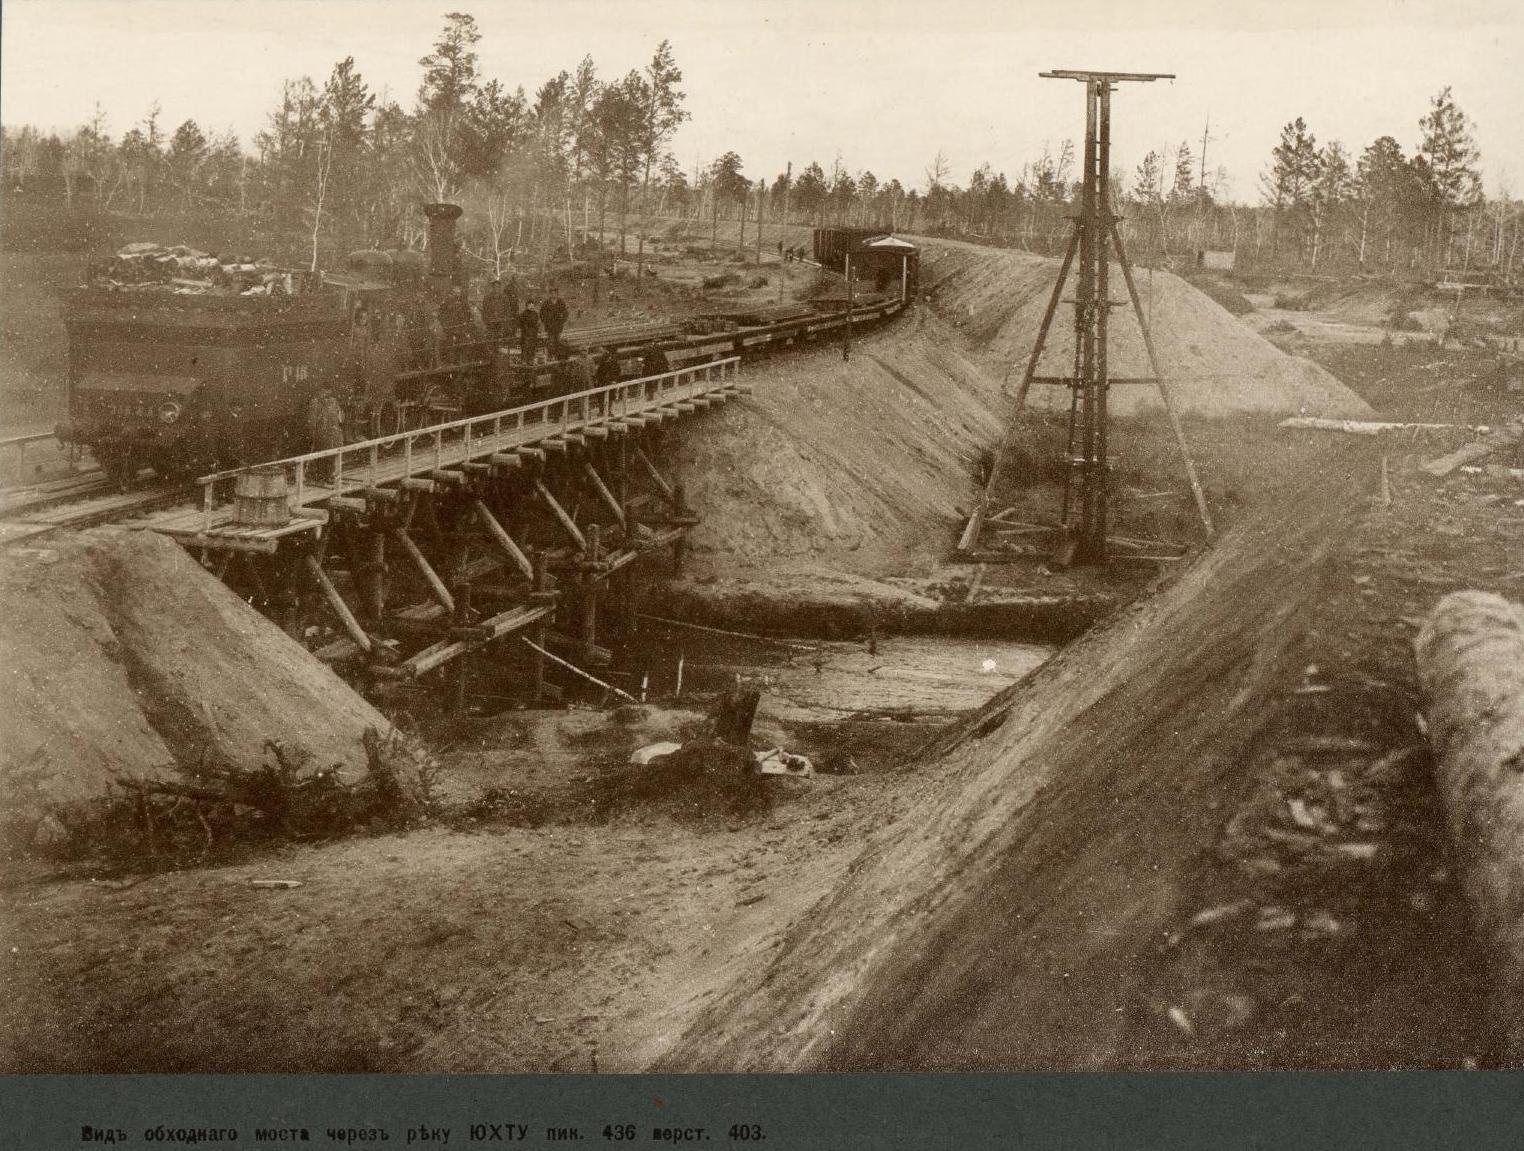 403 верста. Возведение обходного моста через реку Юхту